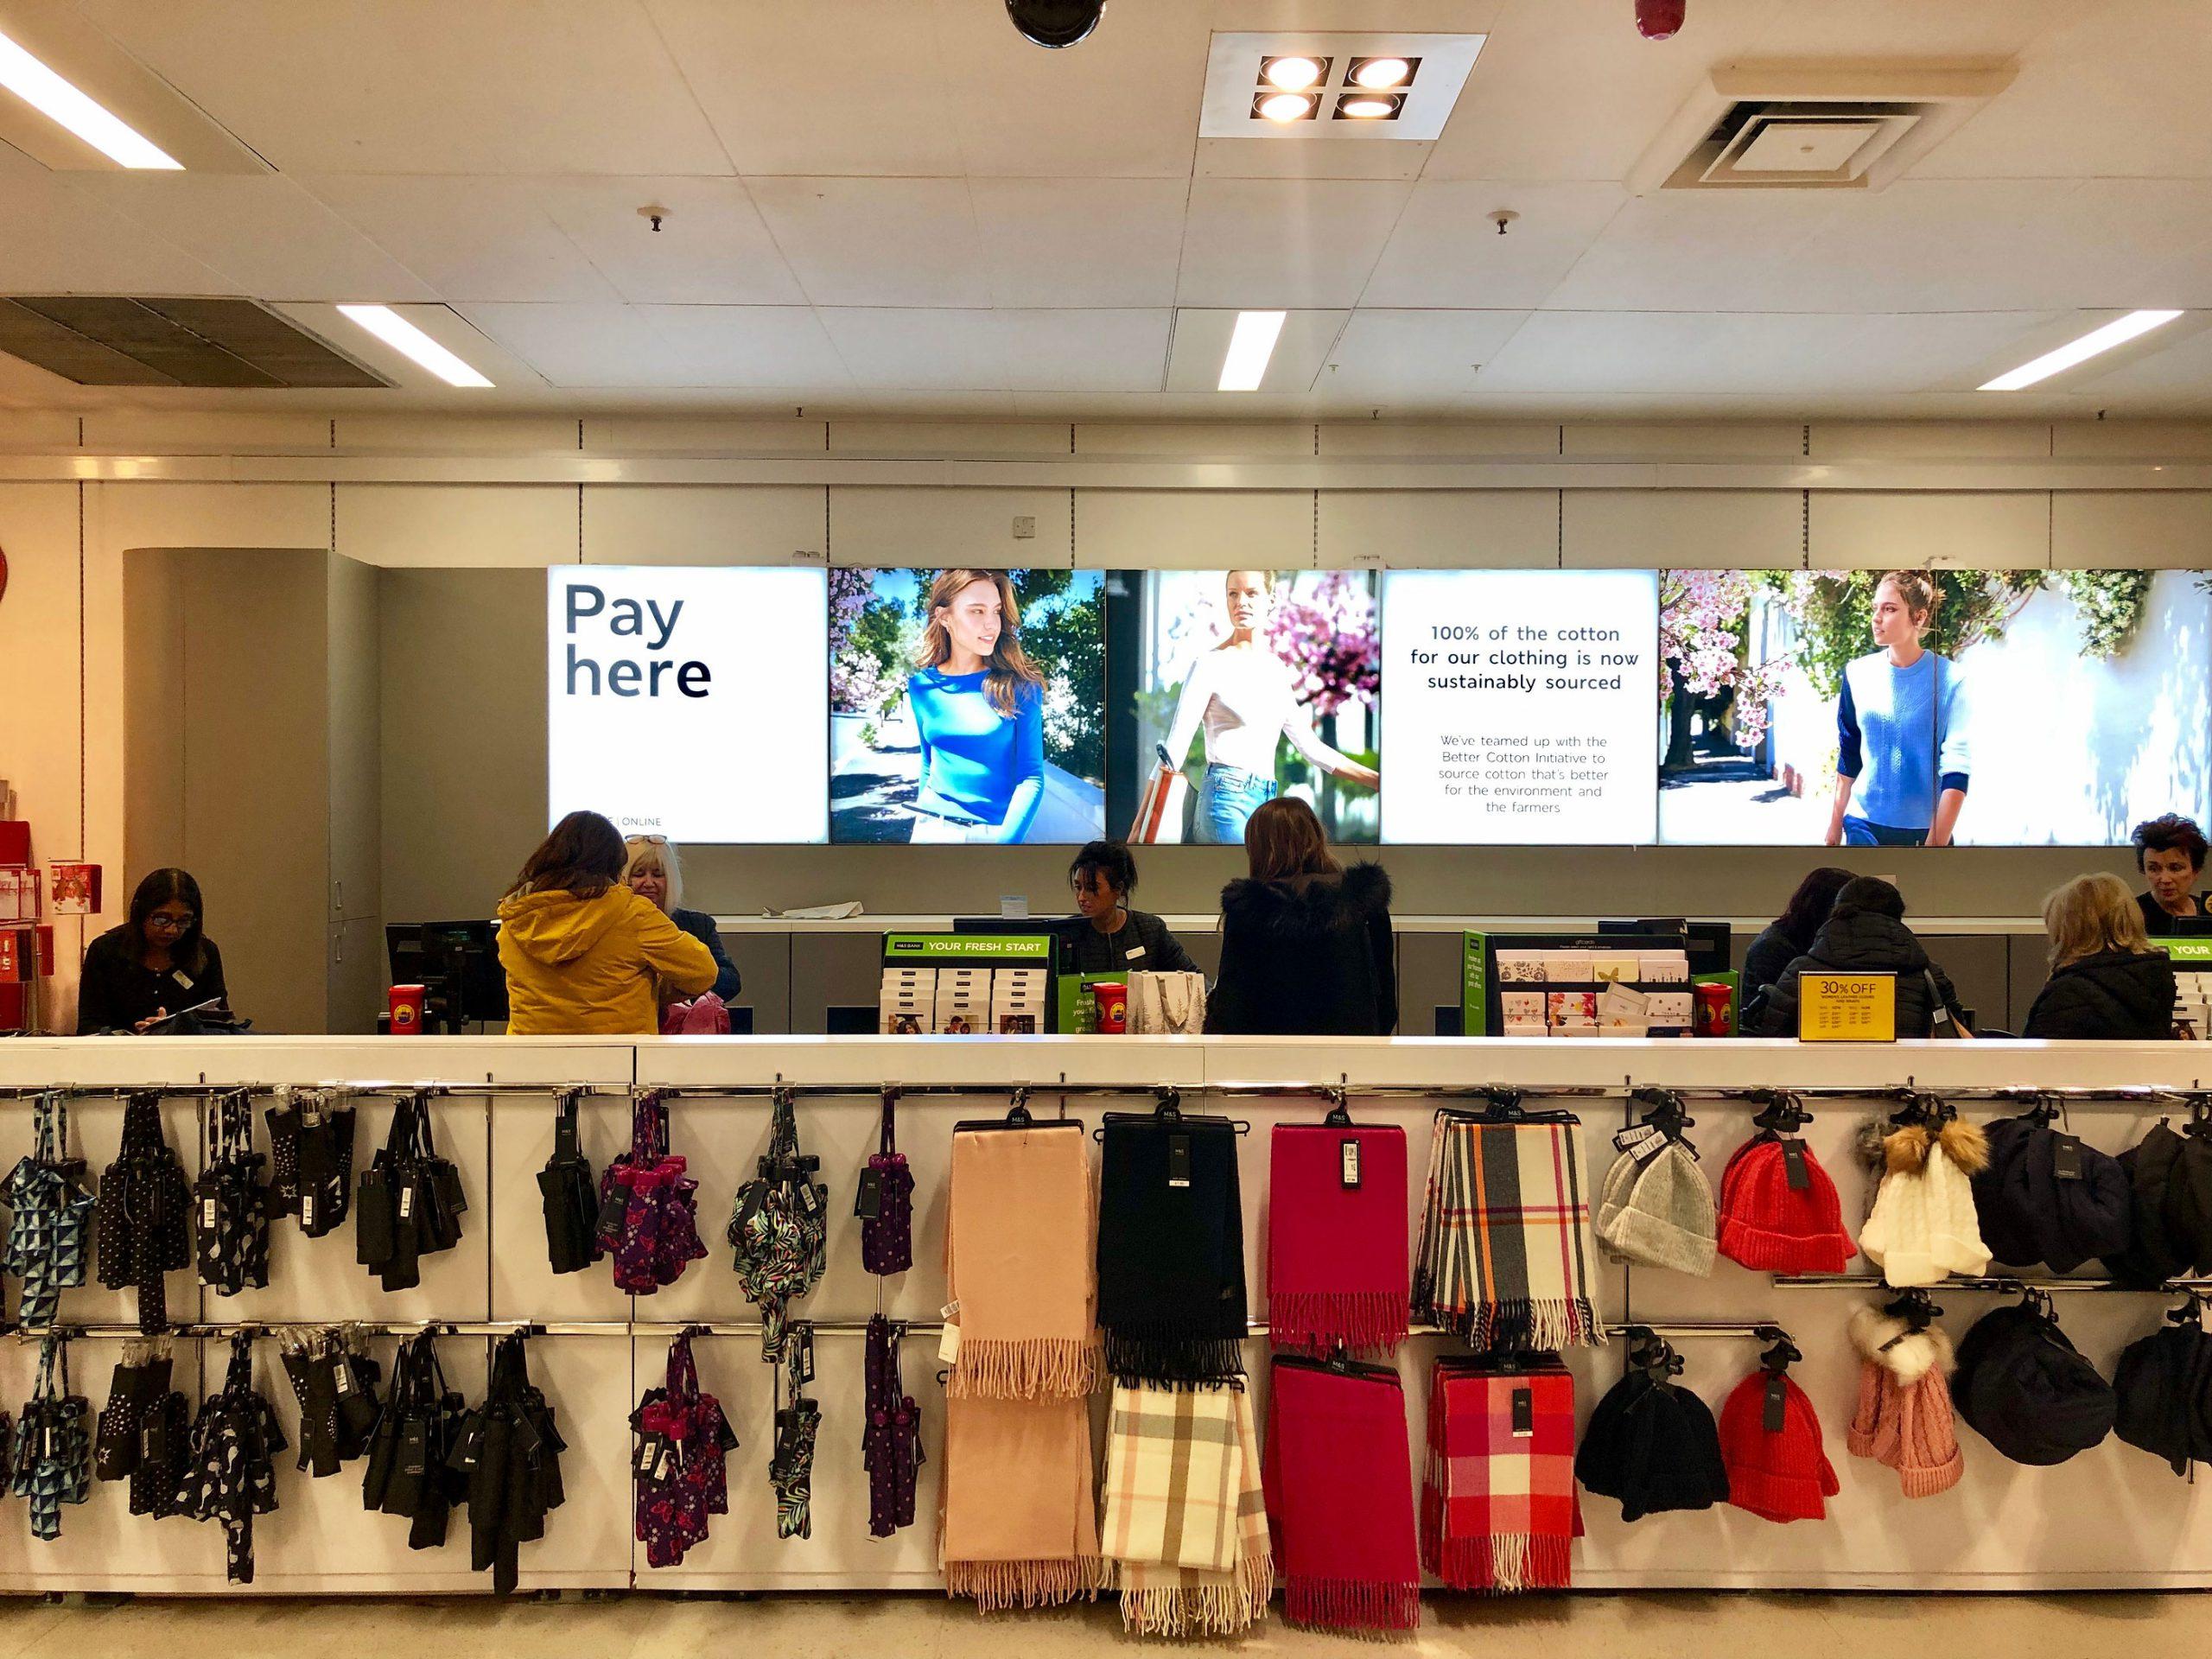 Marks and Spencer London butikk shopping